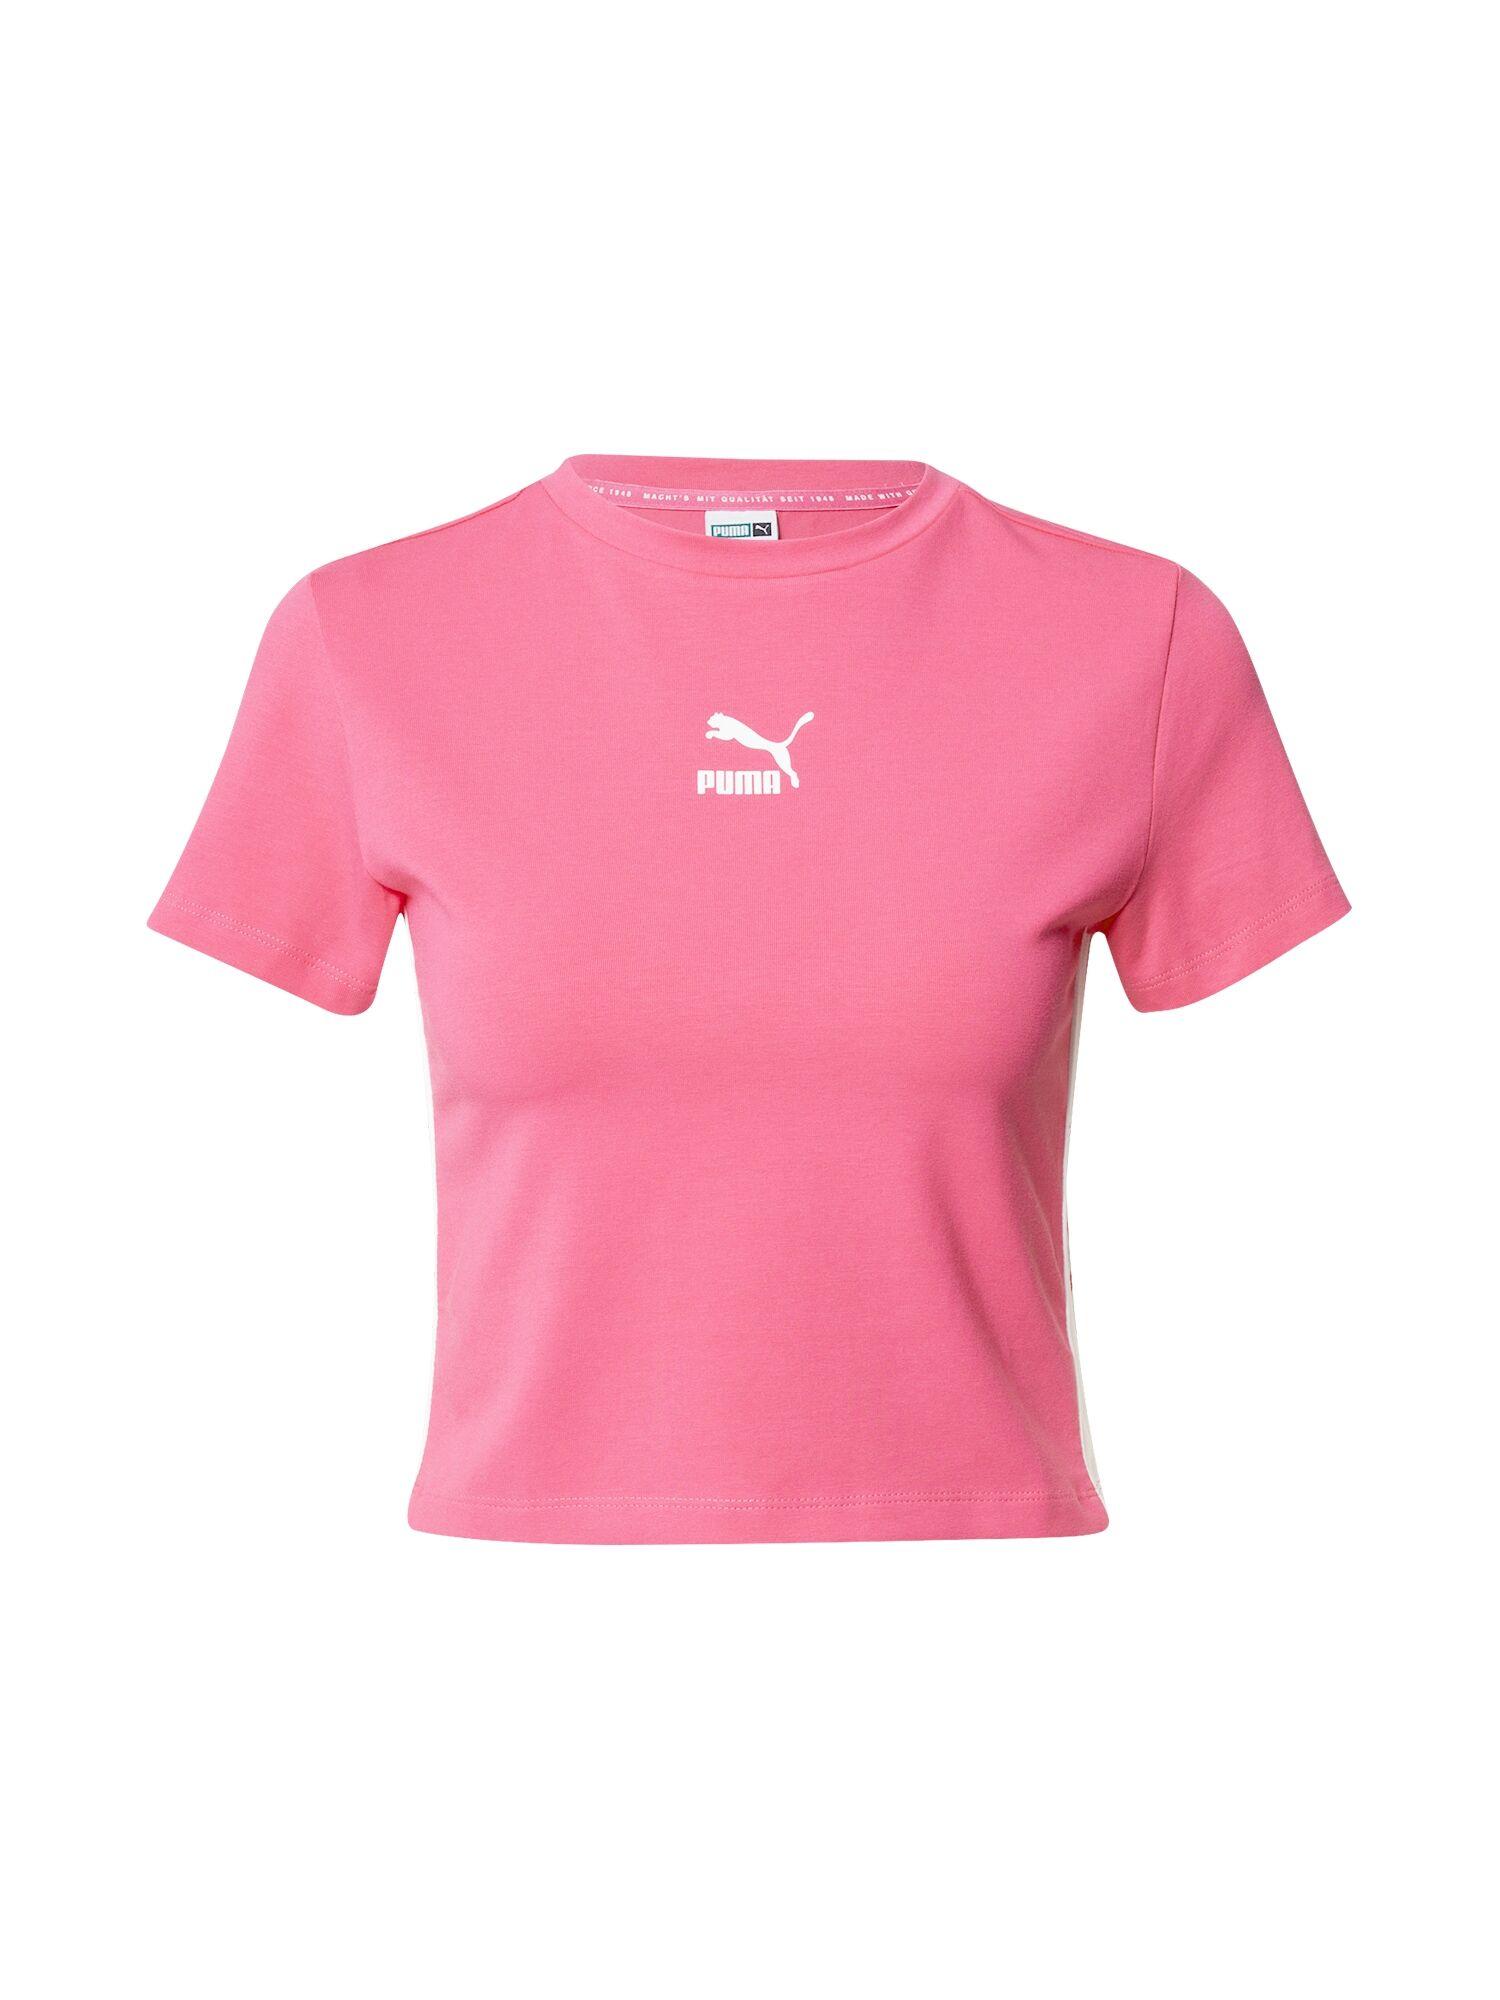 PUMA T-shirt  - Rose - Taille: L - female